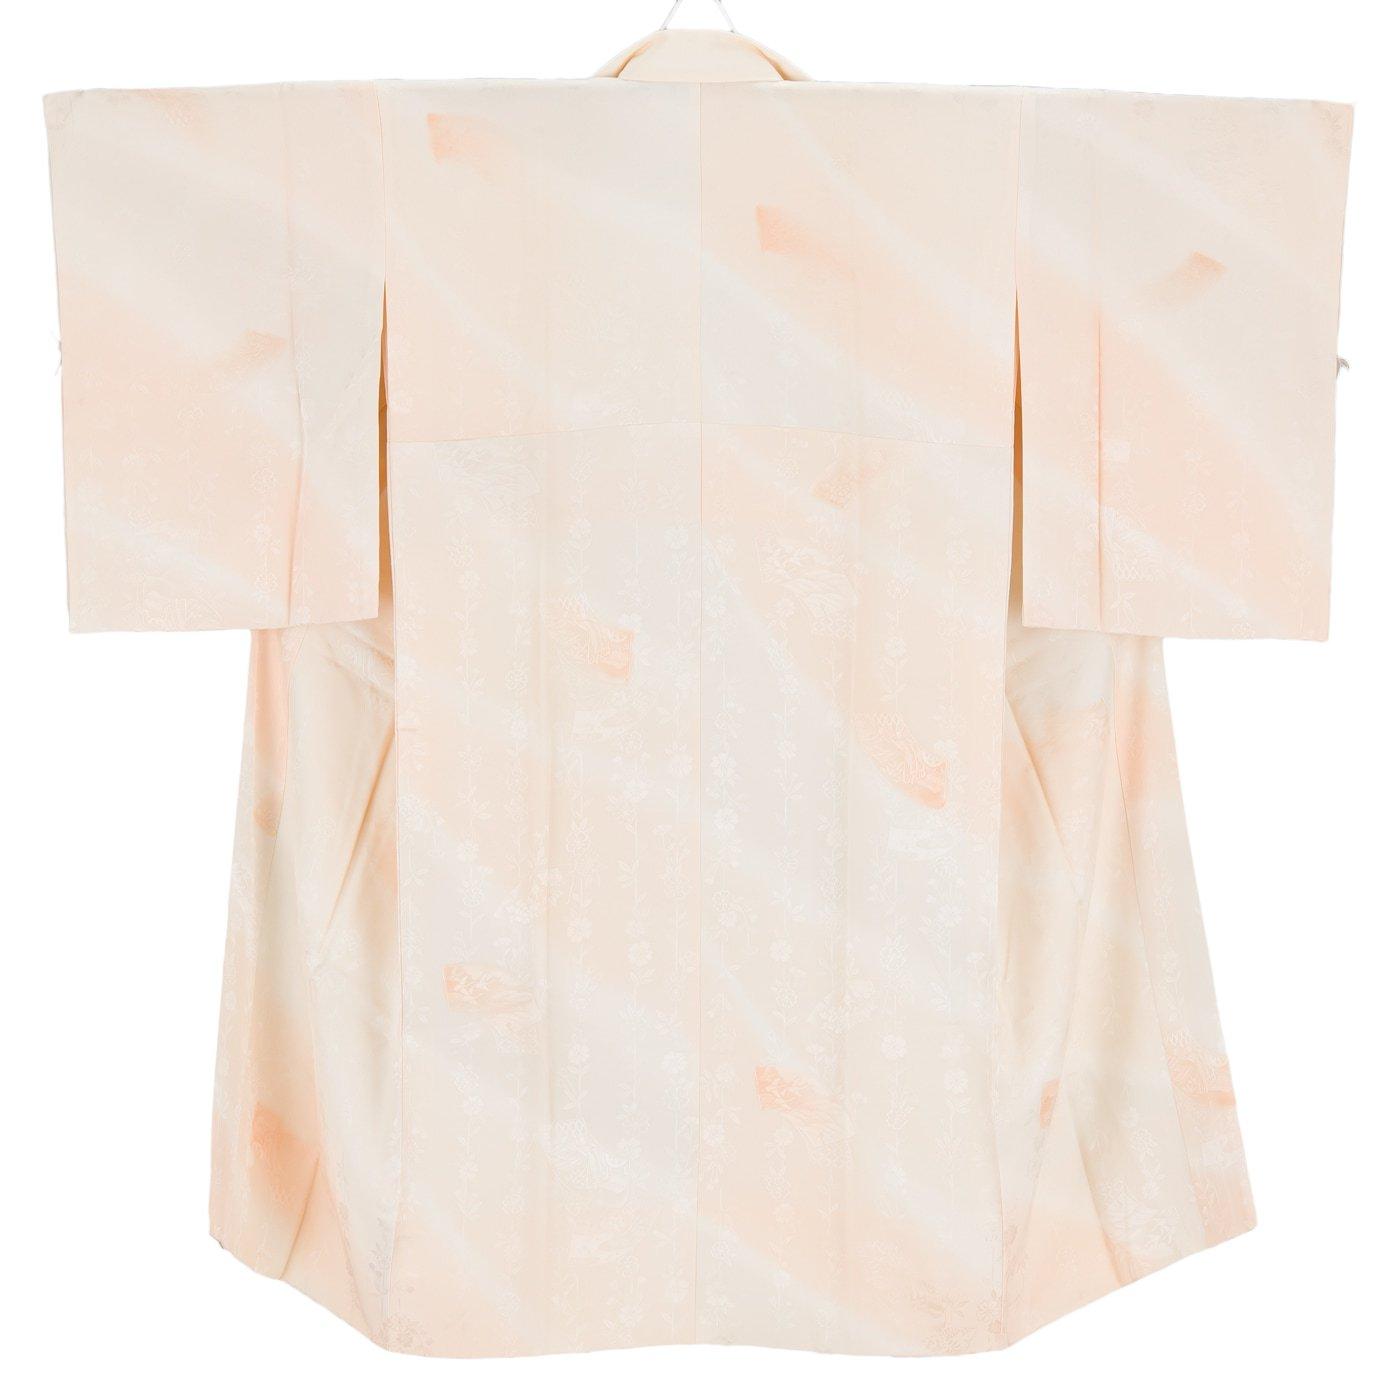 「長襦袢 扇面に御所車 枝垂れ桜」の商品画像